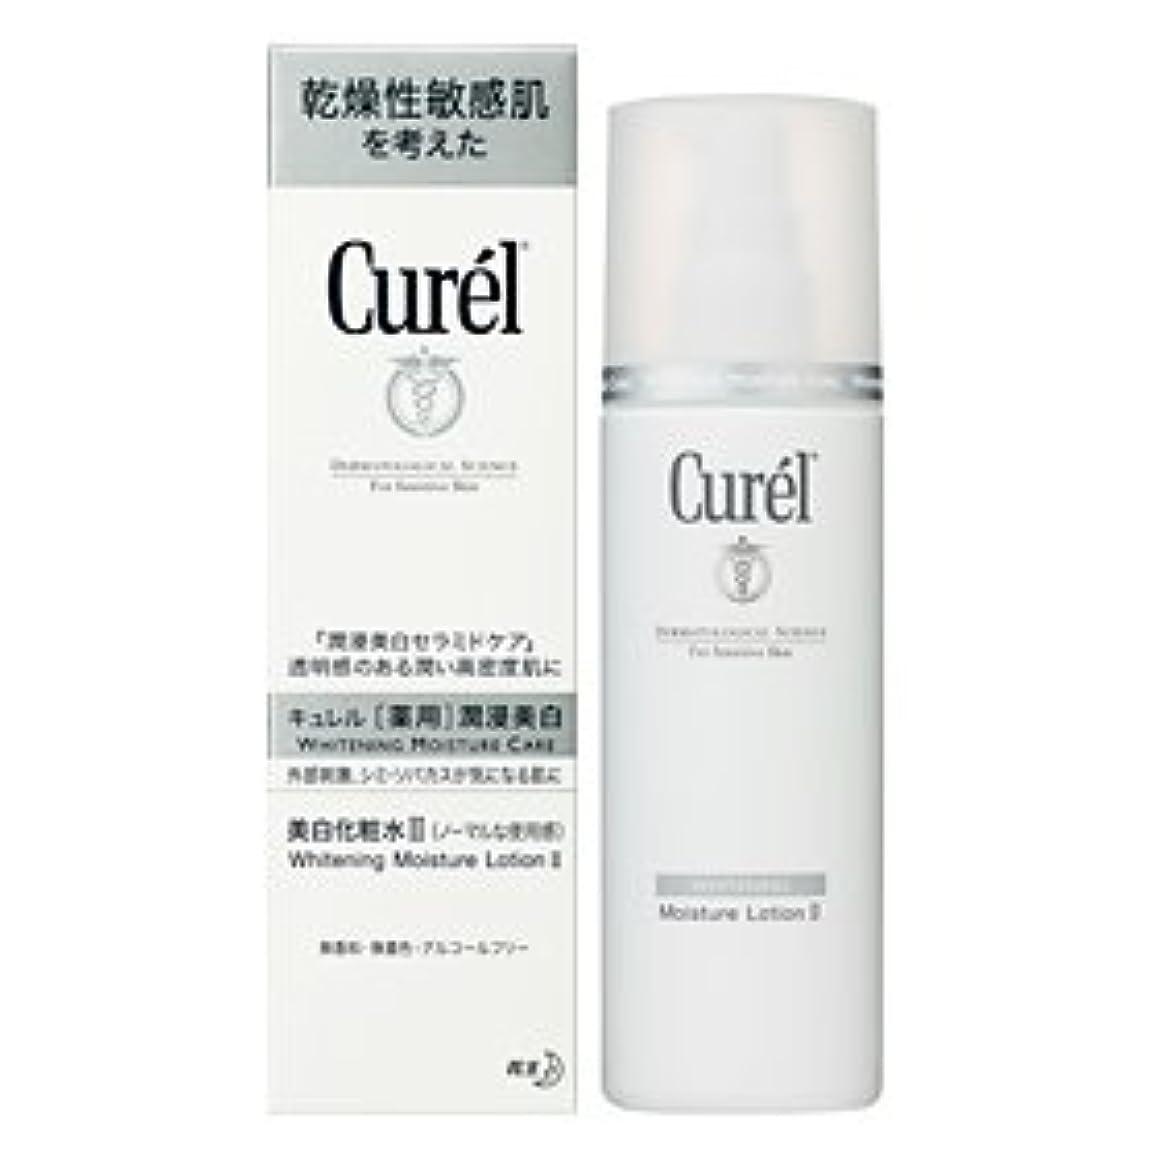 成功した批判する資金キュレル 美白化粧水2(ノーマルな使用感) 140ml×3個セット